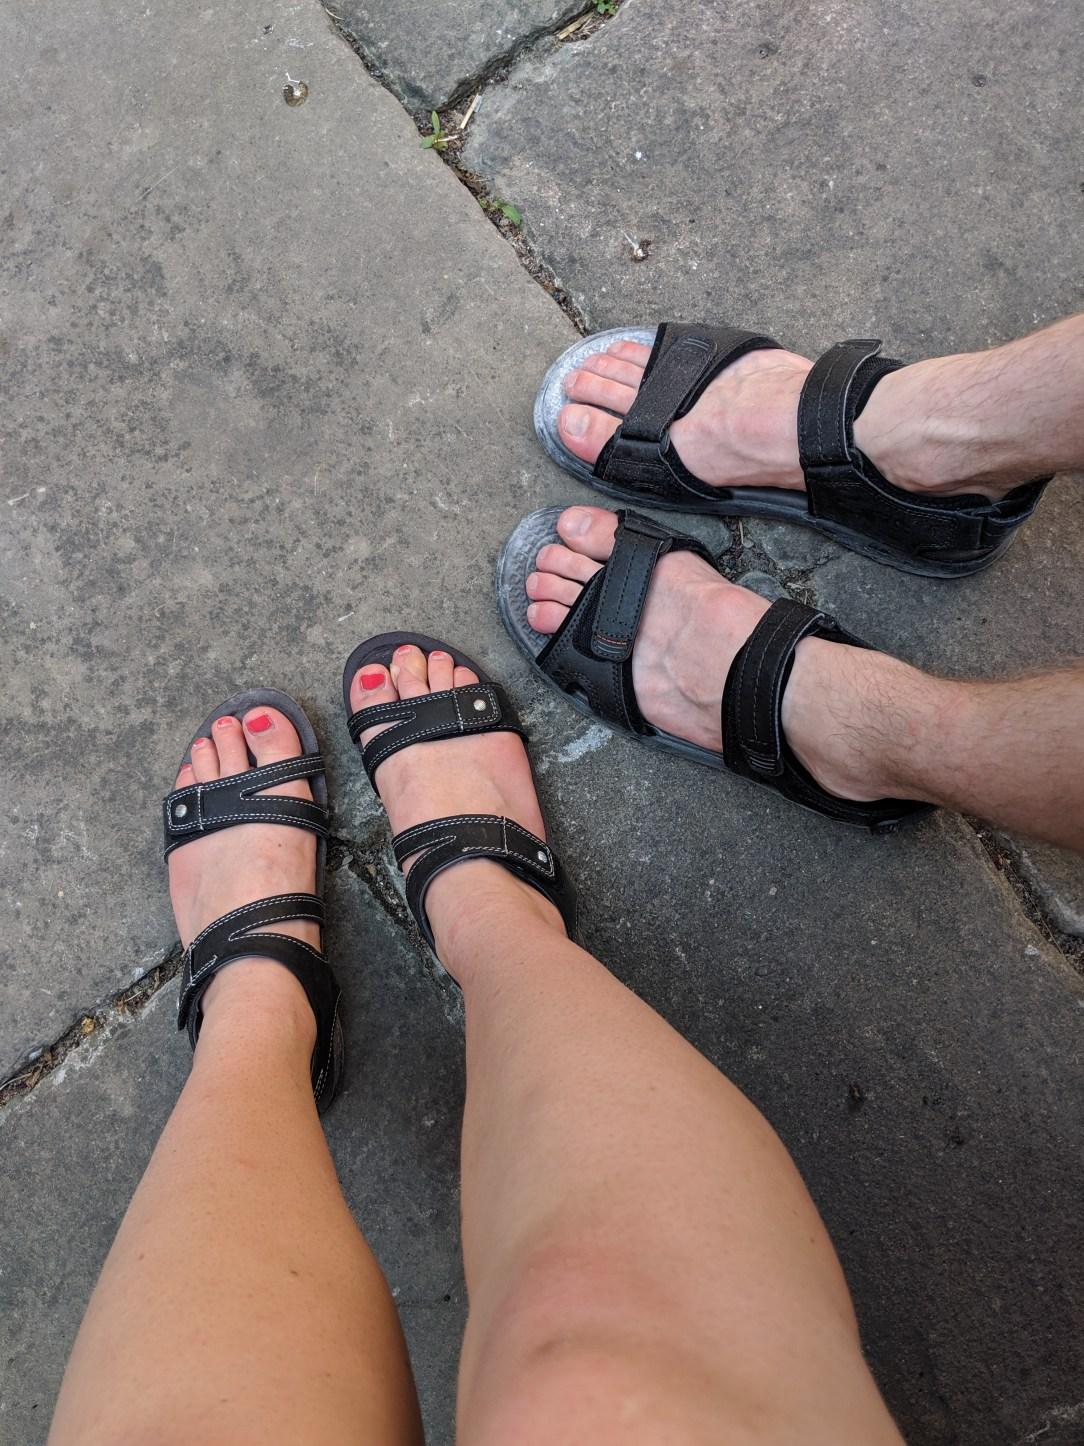 pilgrim feet, pilgrims, peregrinos, Camino de Santiago